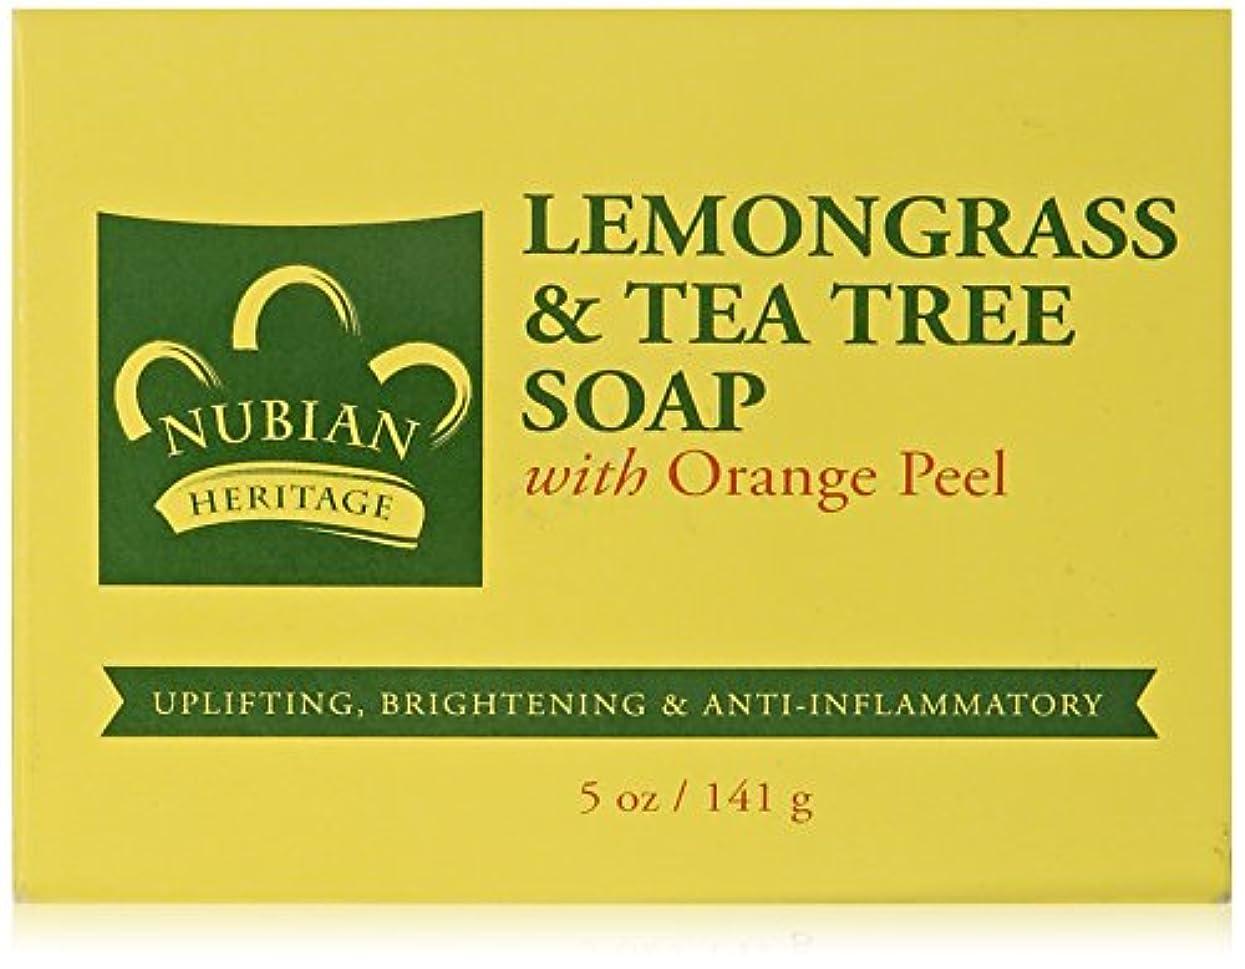 ゼリー危険なダムNUBIAN HERITAGE レモングラス&ティートゥリー ソープ 141g